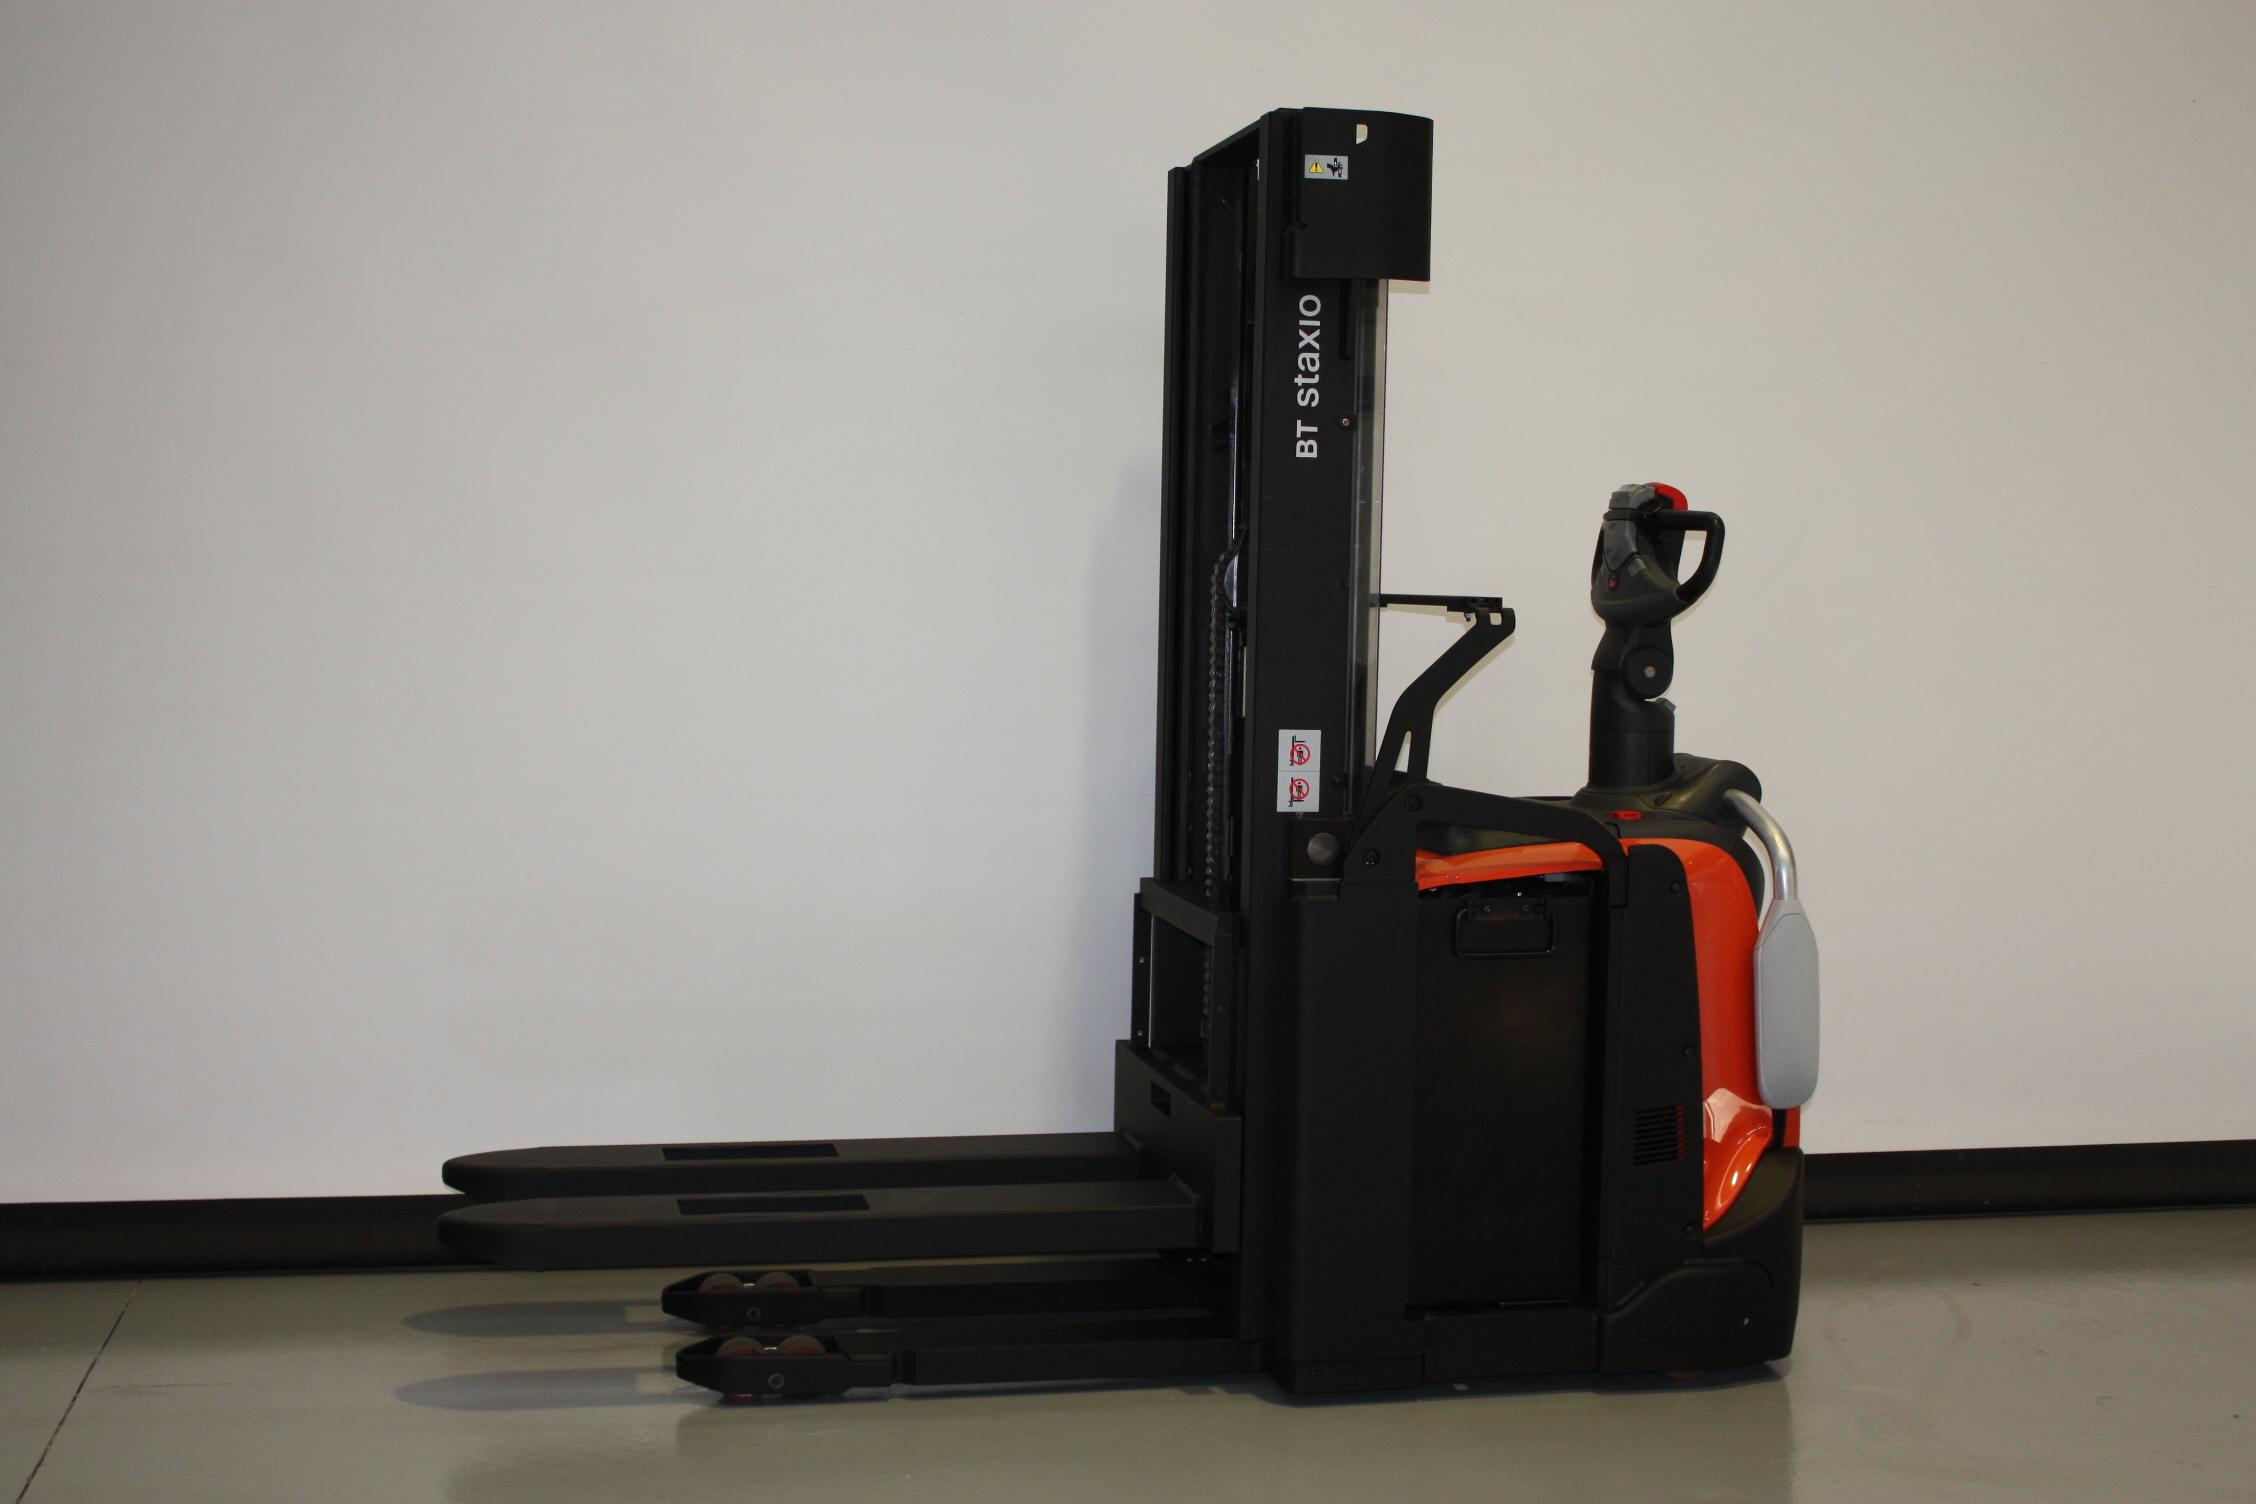 Toyota-Gabelstapler-59840 1711030878 1 45